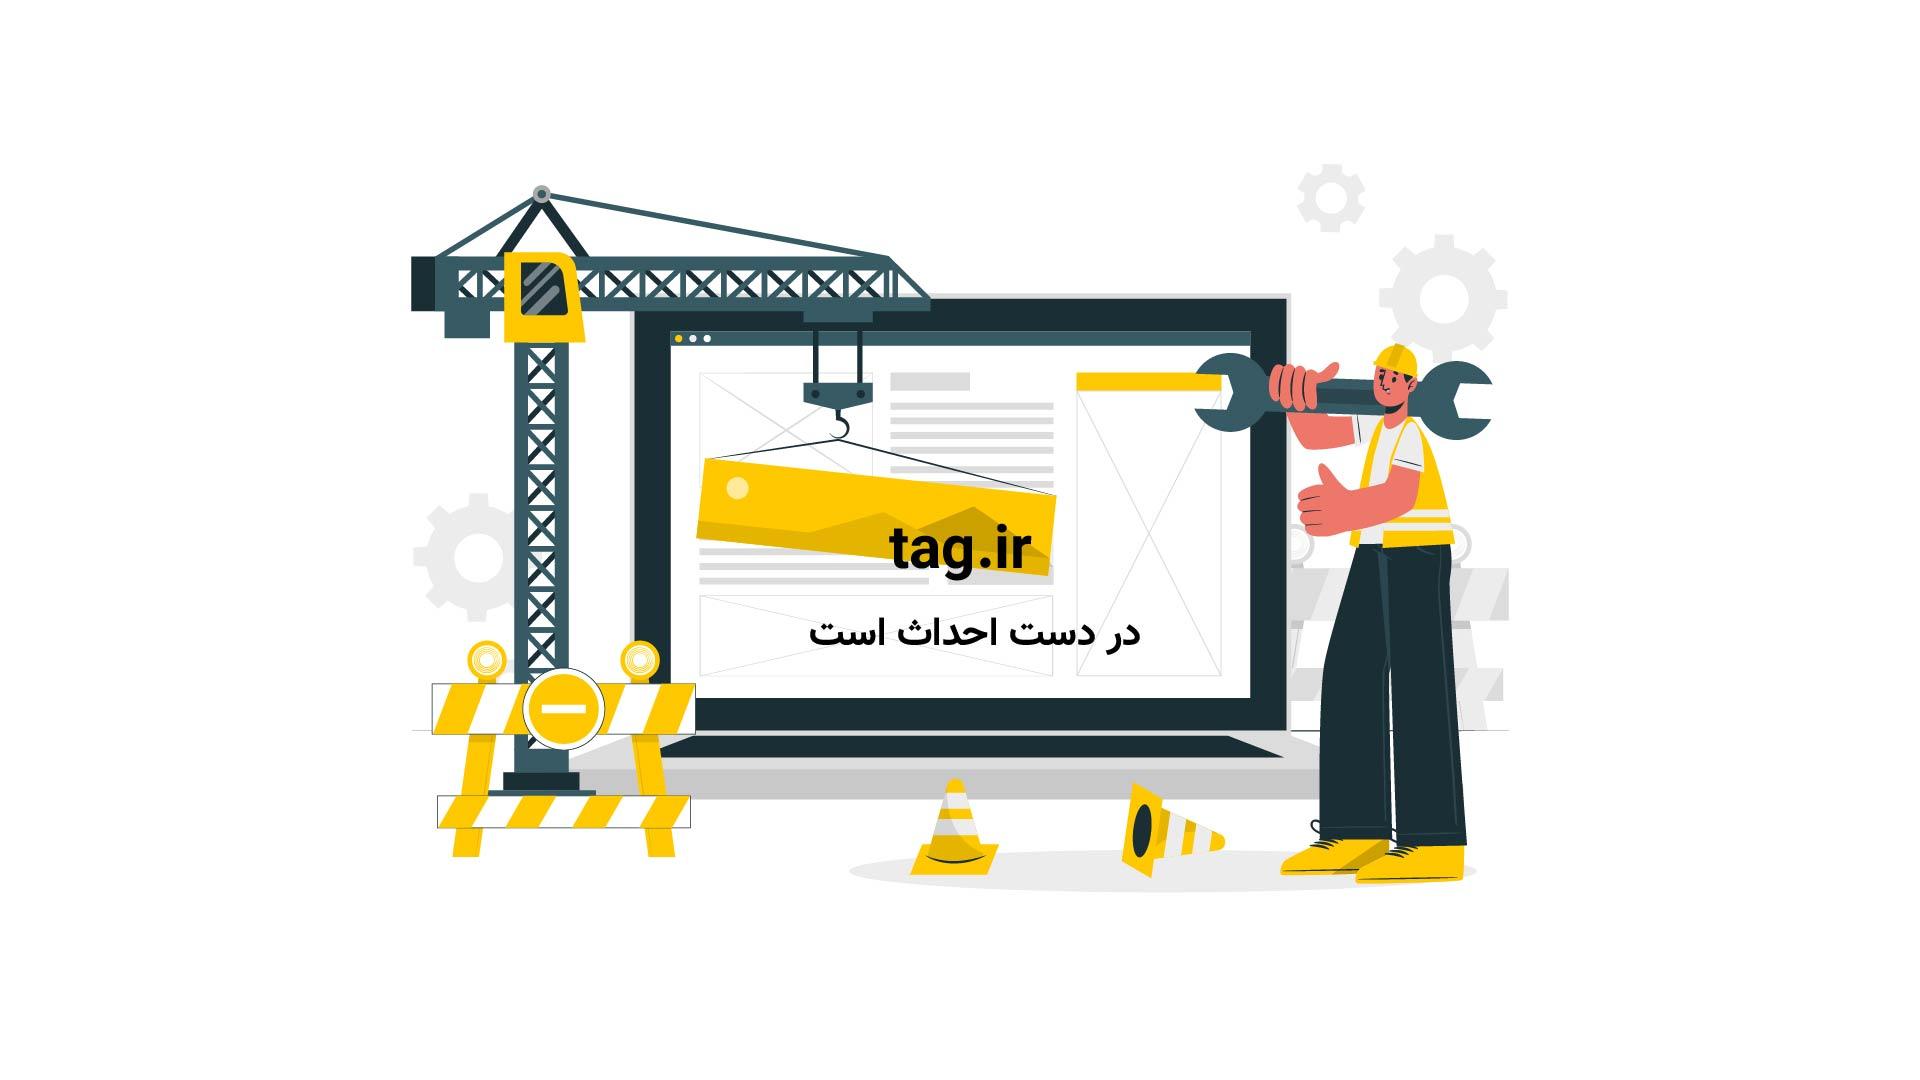 رعدوبرق-آتشفشان | تگ